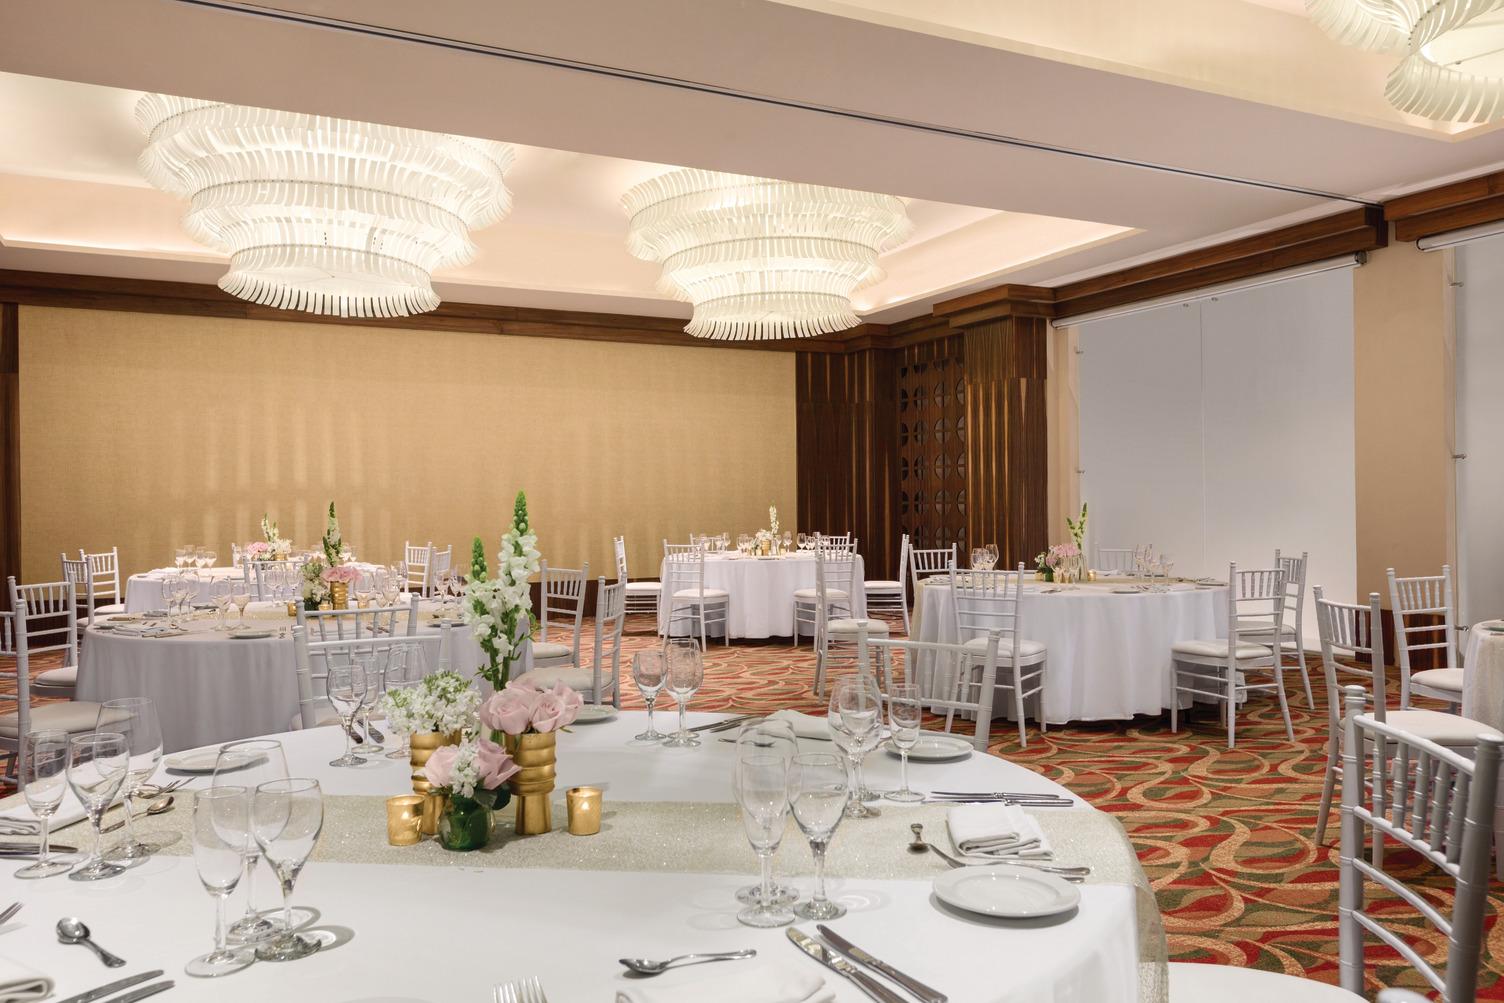 Hyatt-Ziva-Puerto-Vallarta-Ballroom-Wedding-Reception.jpg